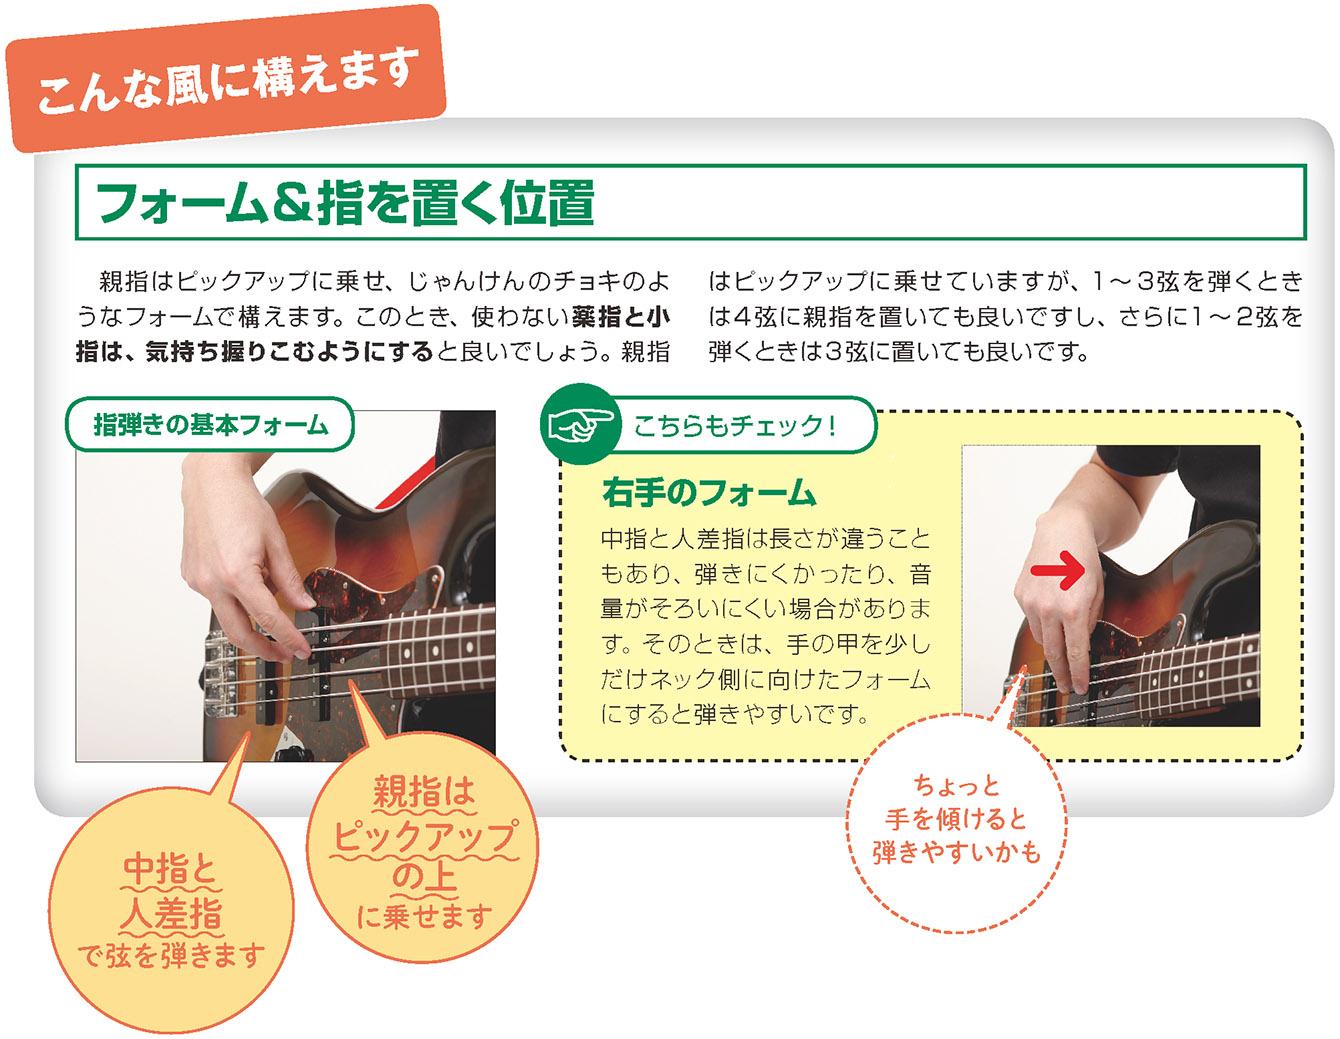 http://musicschool-navi.jp/columns/keion_v1_ba01.jpg